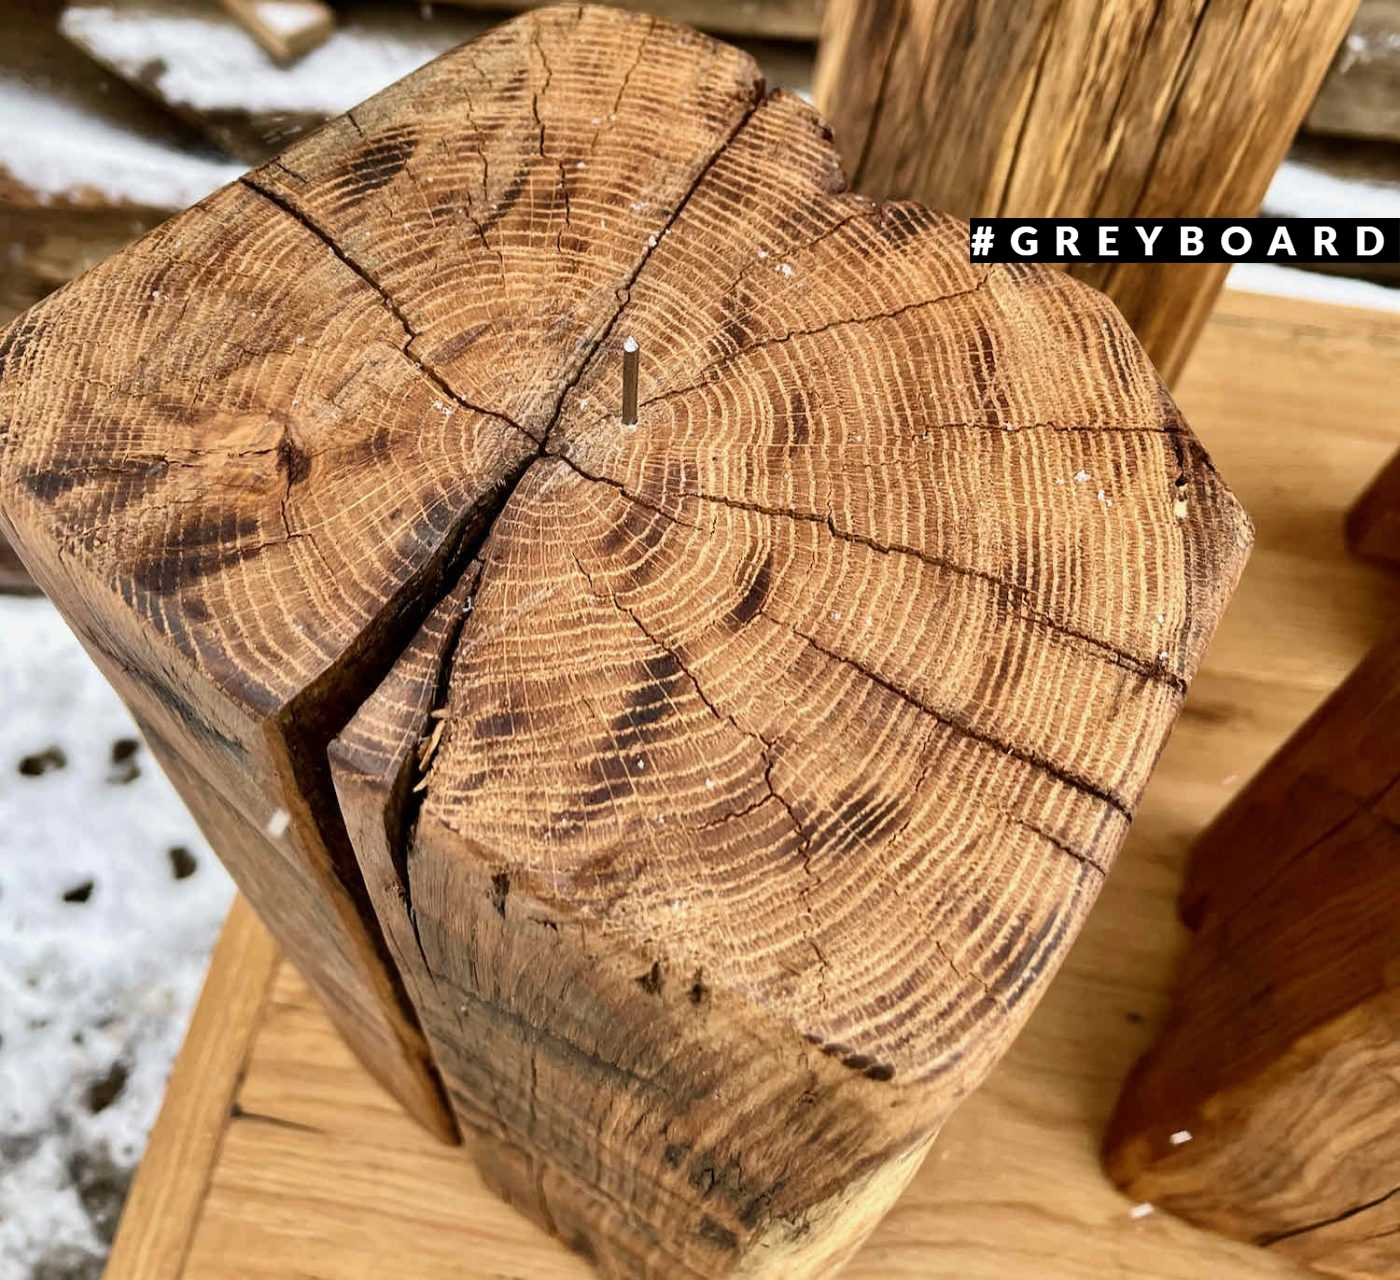 Пеньки-подсвечники из амабрной балки